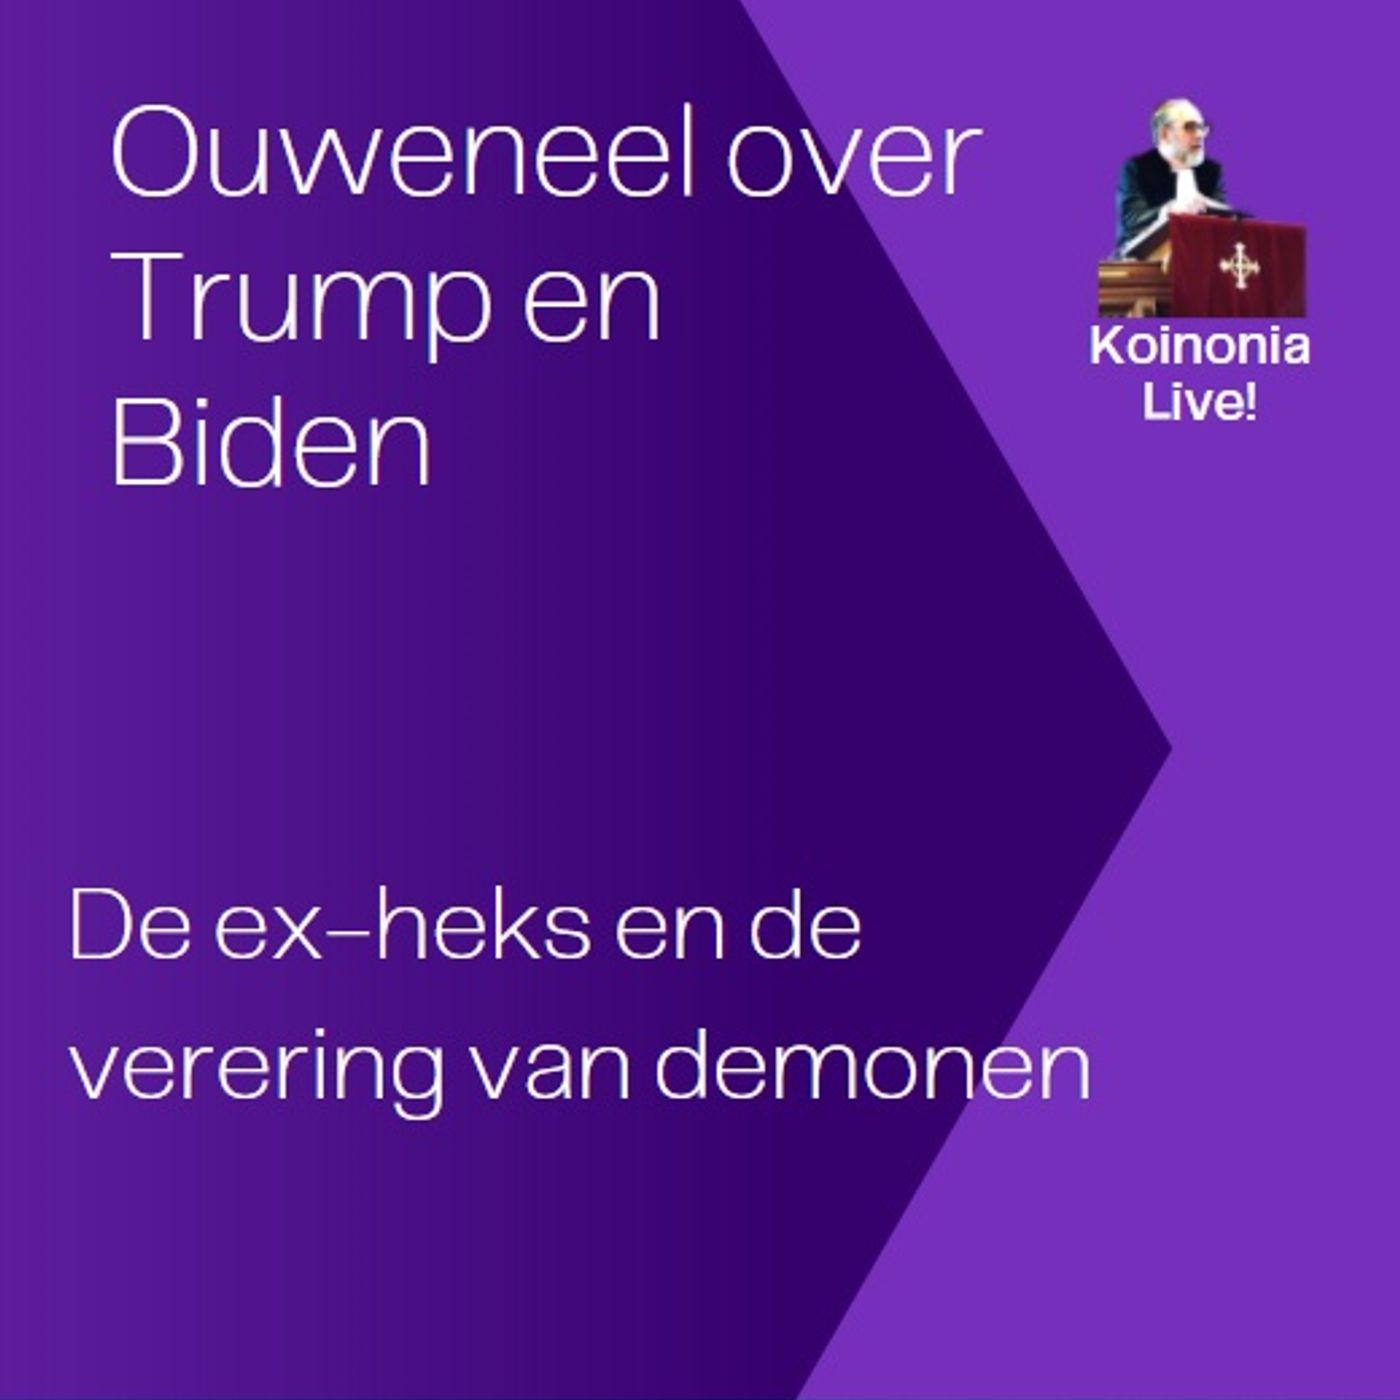 Trump en Biden en de ex-heks - KLIVE! van 23 oktober 2020